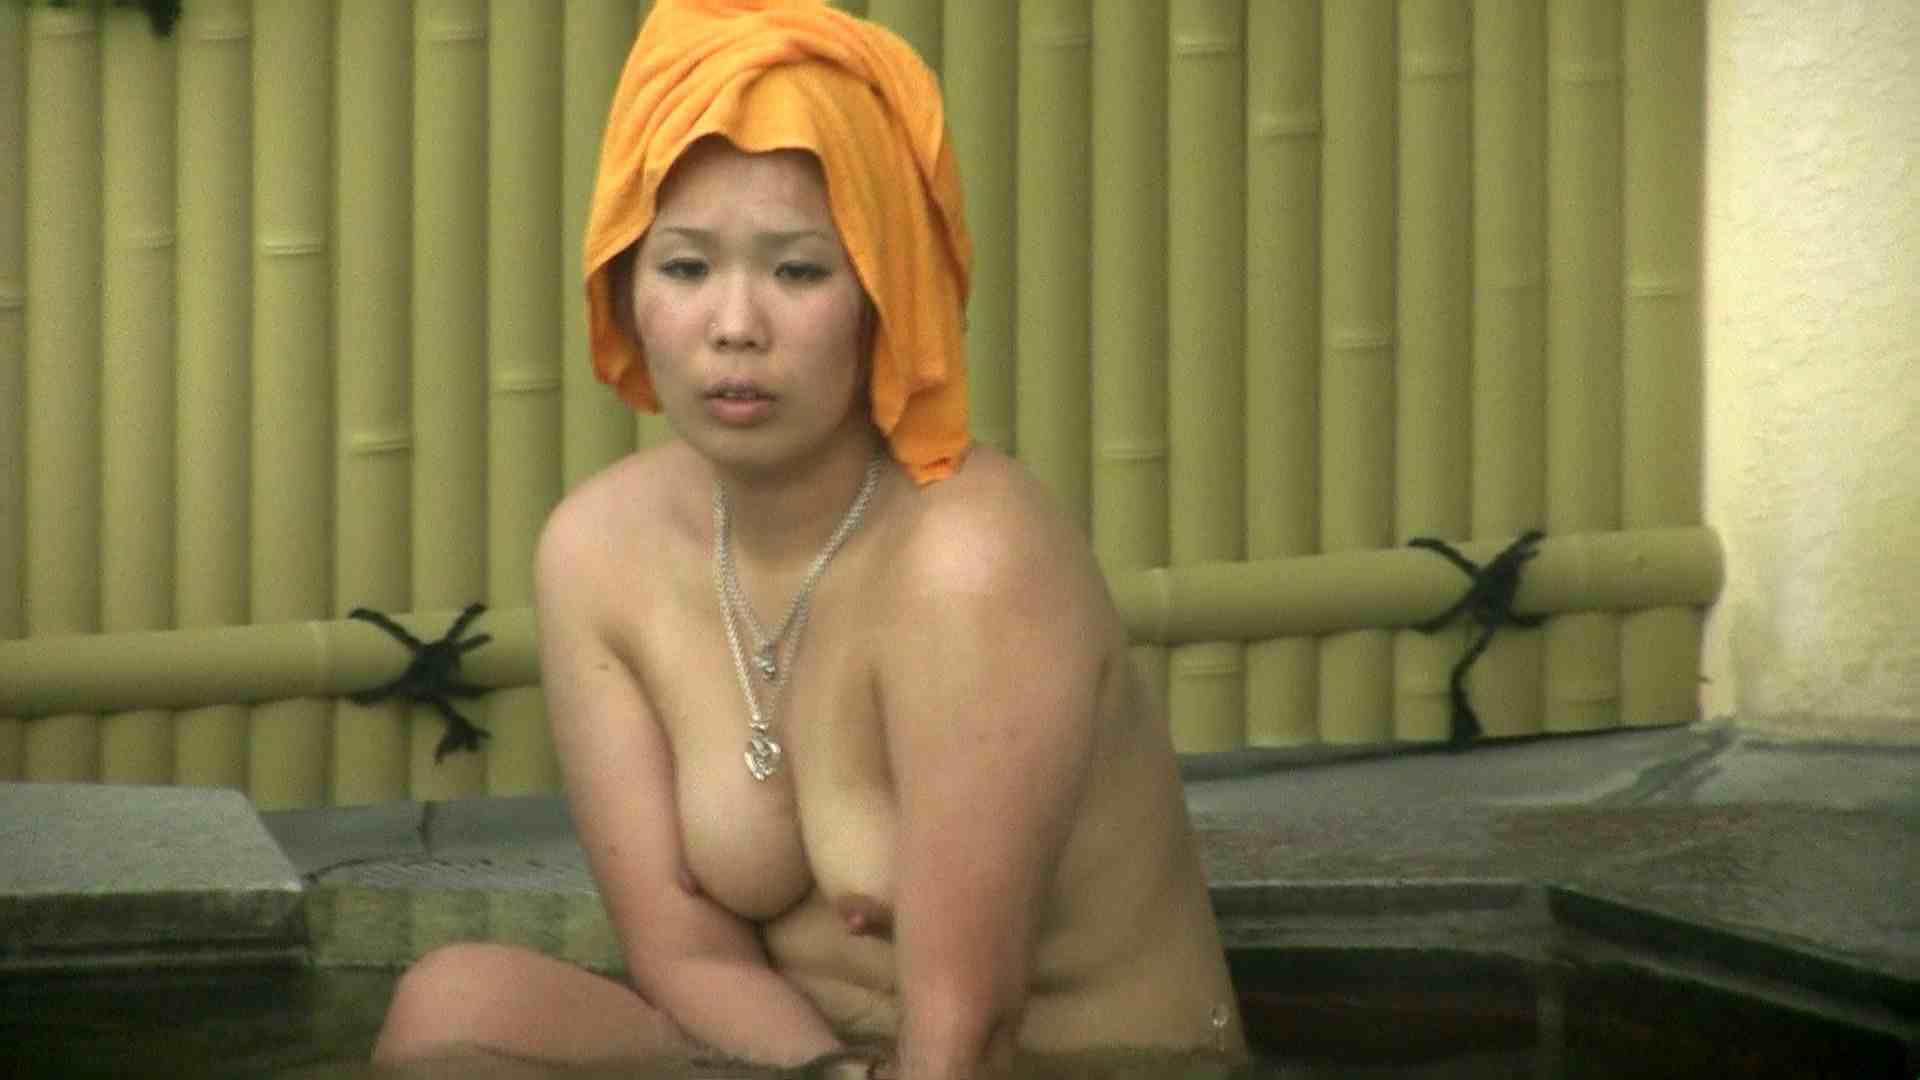 Aquaな露天風呂Vol.634 OLエロ画像 盗み撮りオマンコ動画キャプチャ 106PICs 32